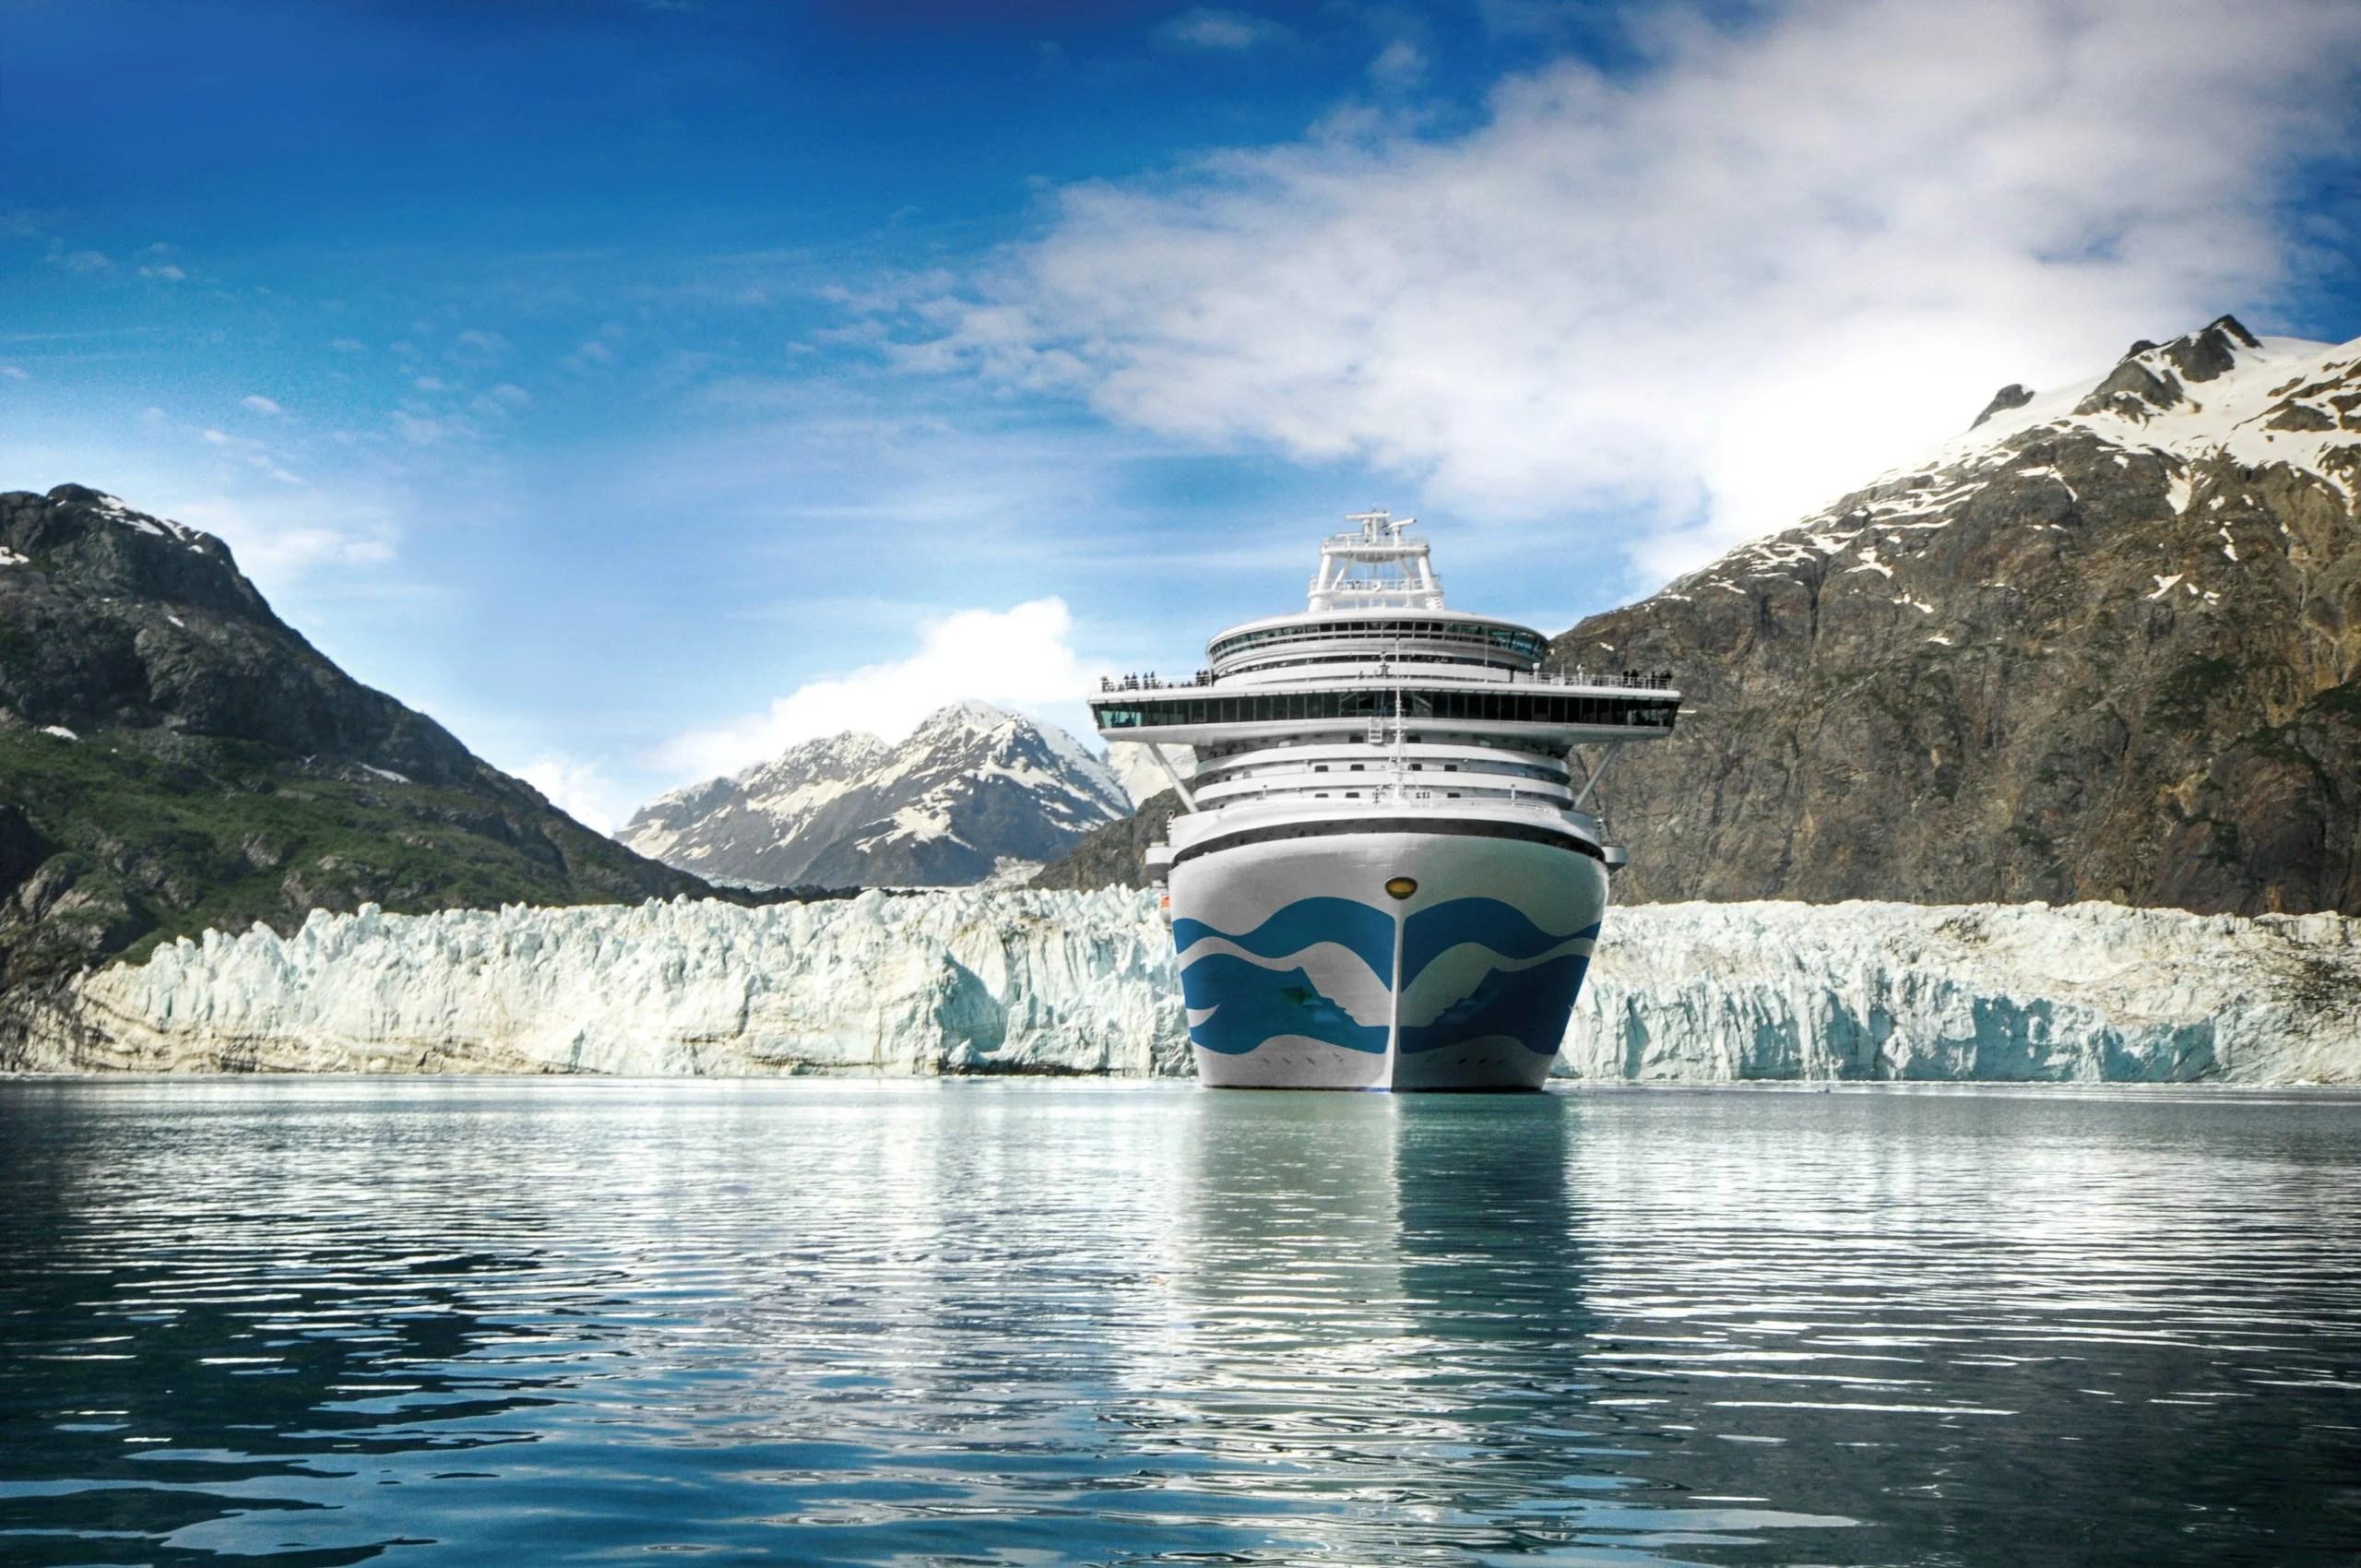 Alaska cruise season could be postponed as Canada bans big ships